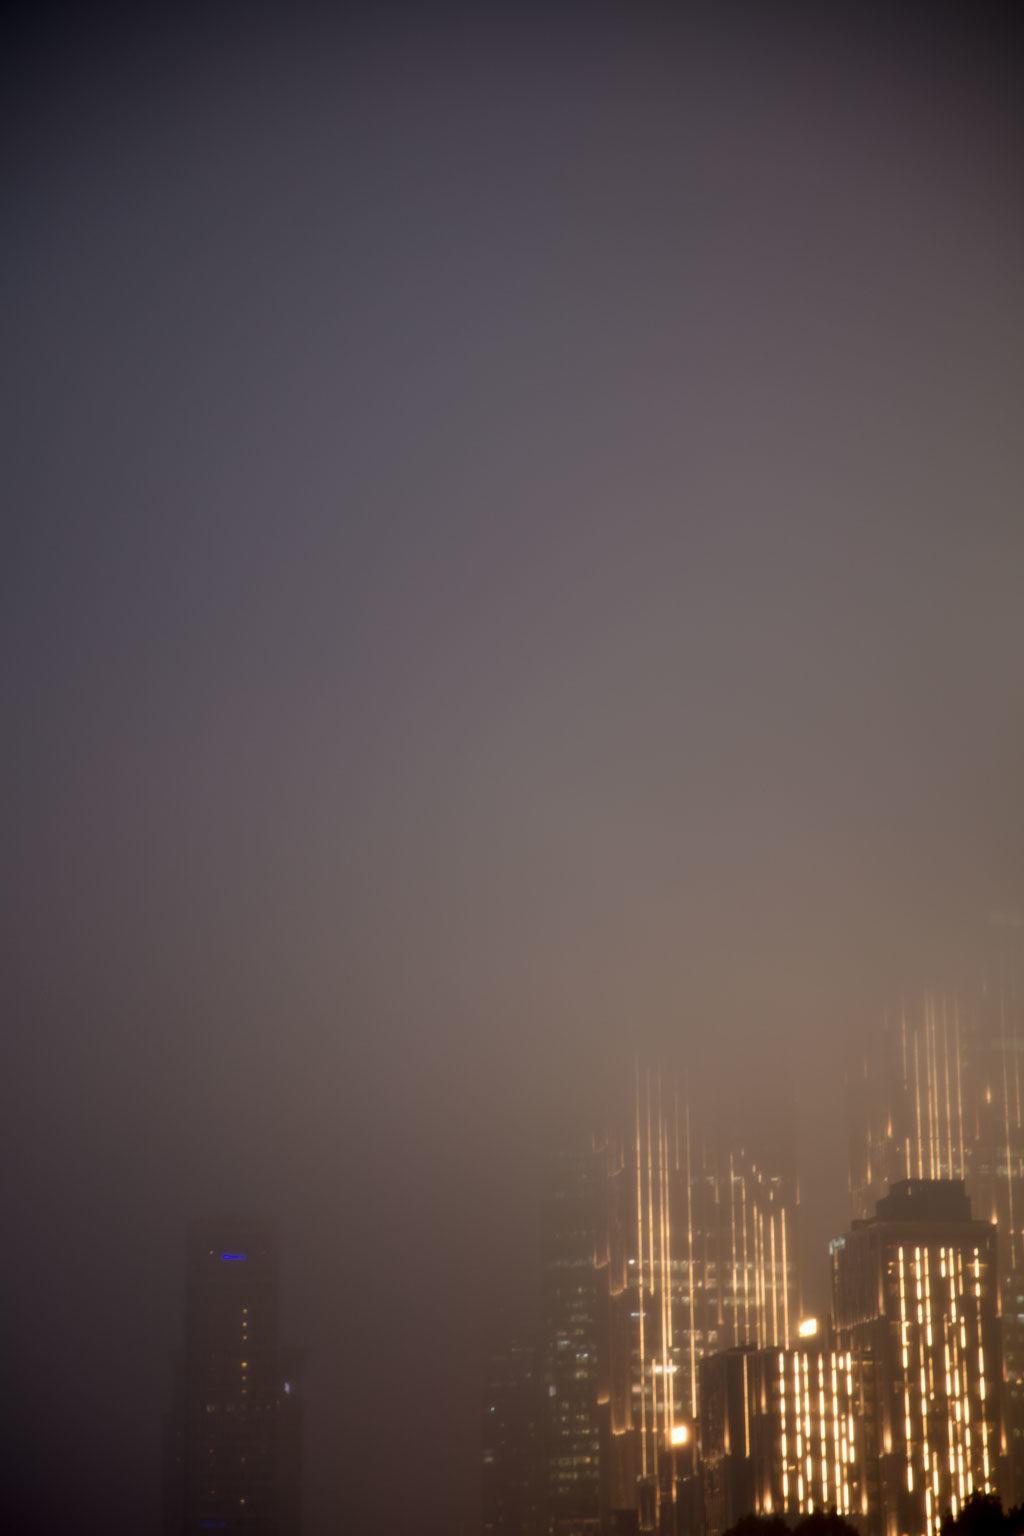 China 005: shanghai night skyline